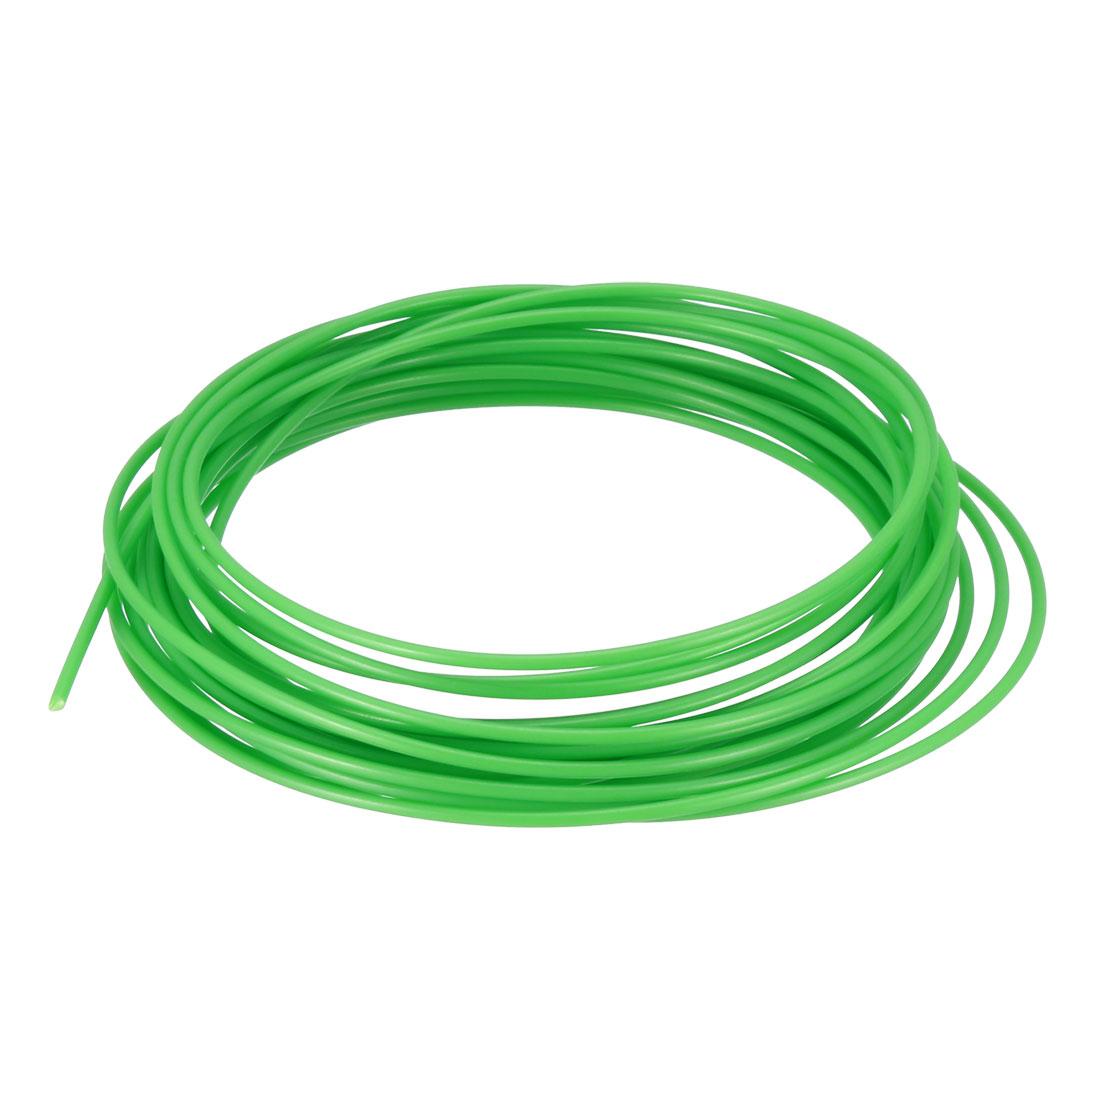 5 Meter/16 Ft PCL 3D Pen/3D Printer Filament, 1.75 mm Green